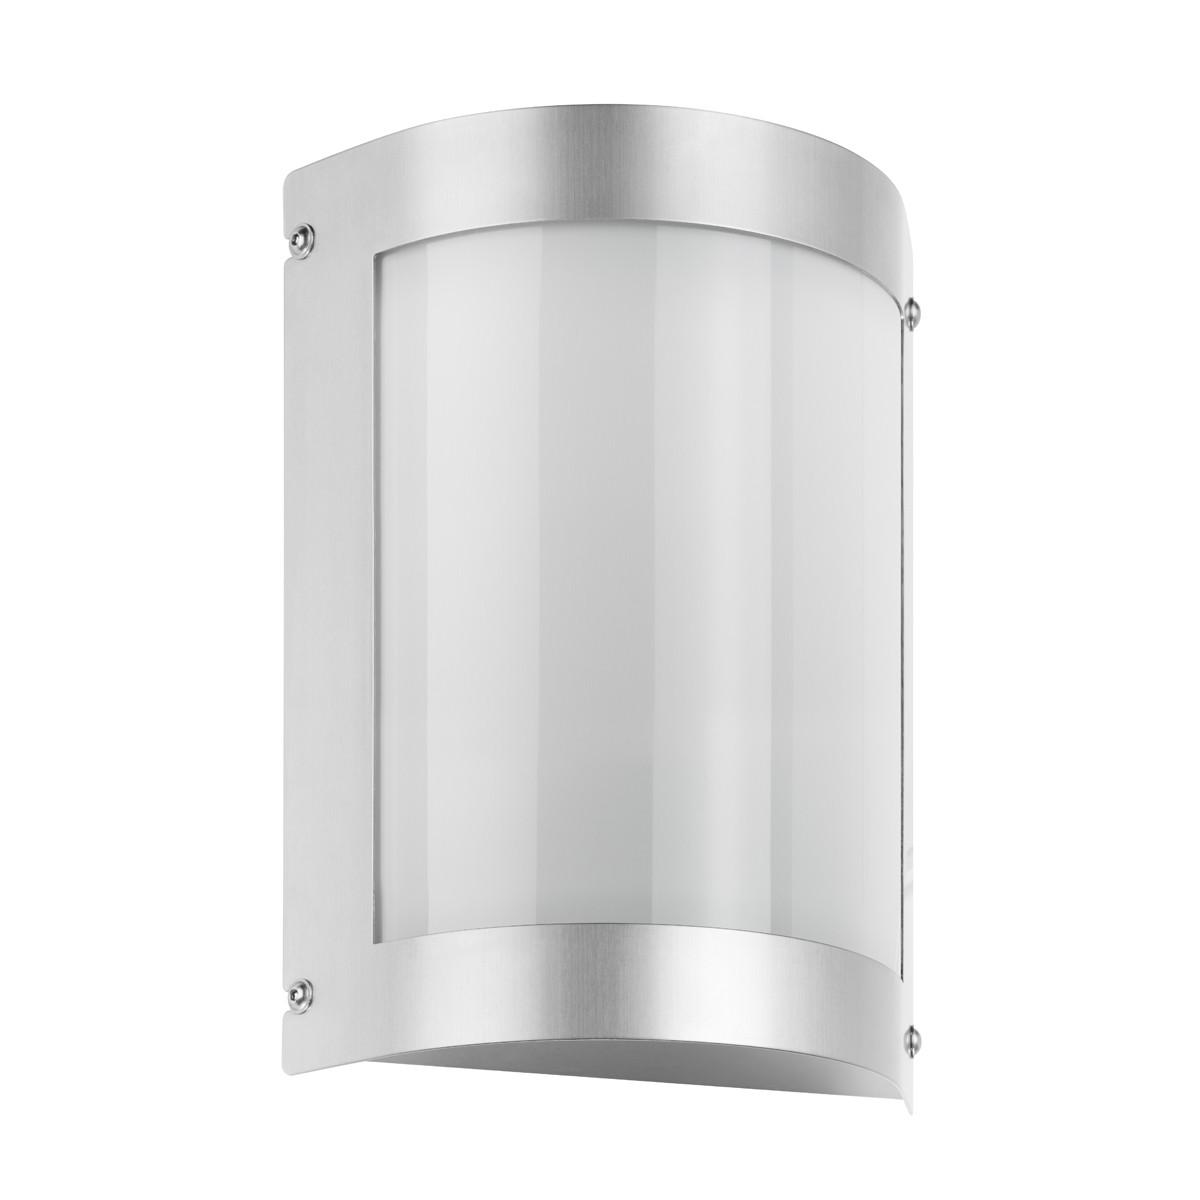 LCD Außenleuchten 5090 Wandleuchte, Edelstahl, ohne Bewegungsmelder